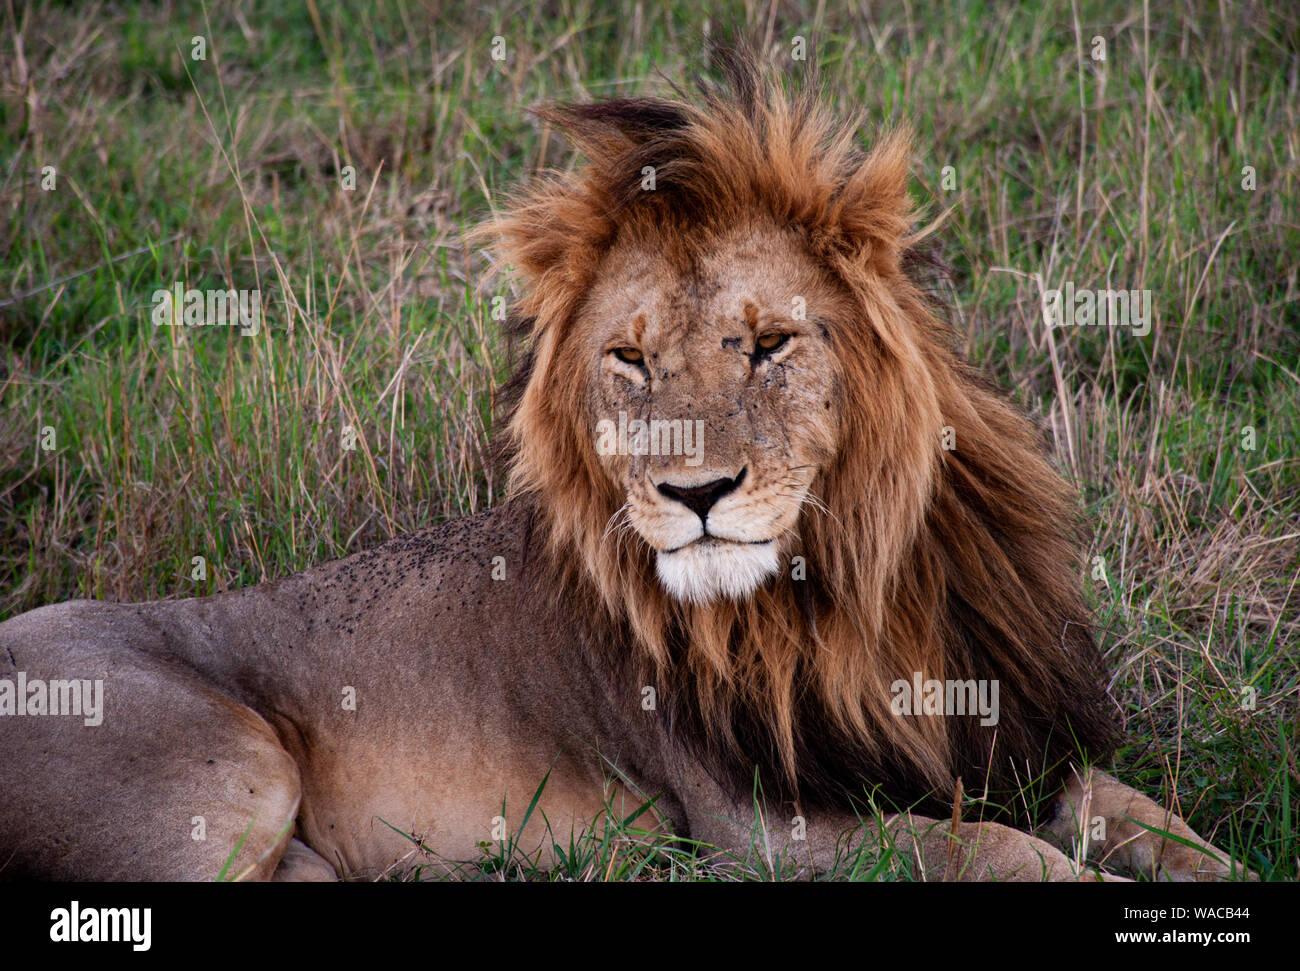 Portrait eines männlichen Löwen mit schöner Mähne, der an der Kamera vorbei schaut Stock Photo